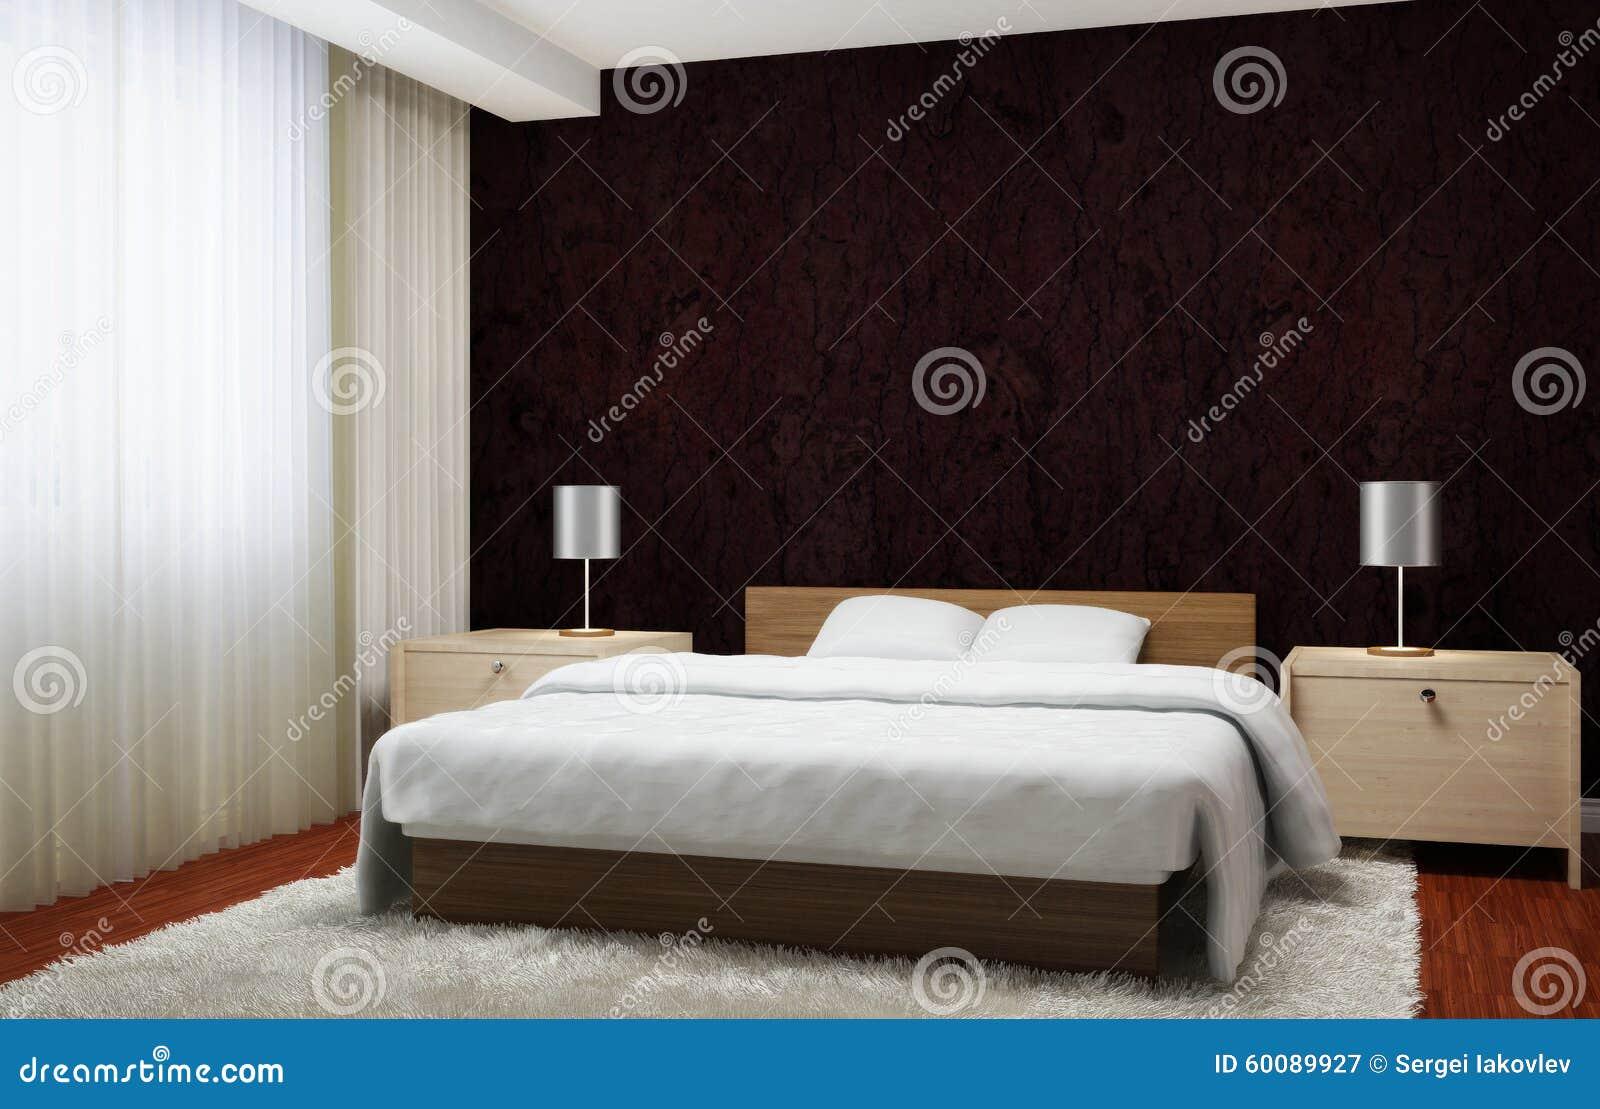 Tende moderne per camere da letto : tende moderne per camera da ...